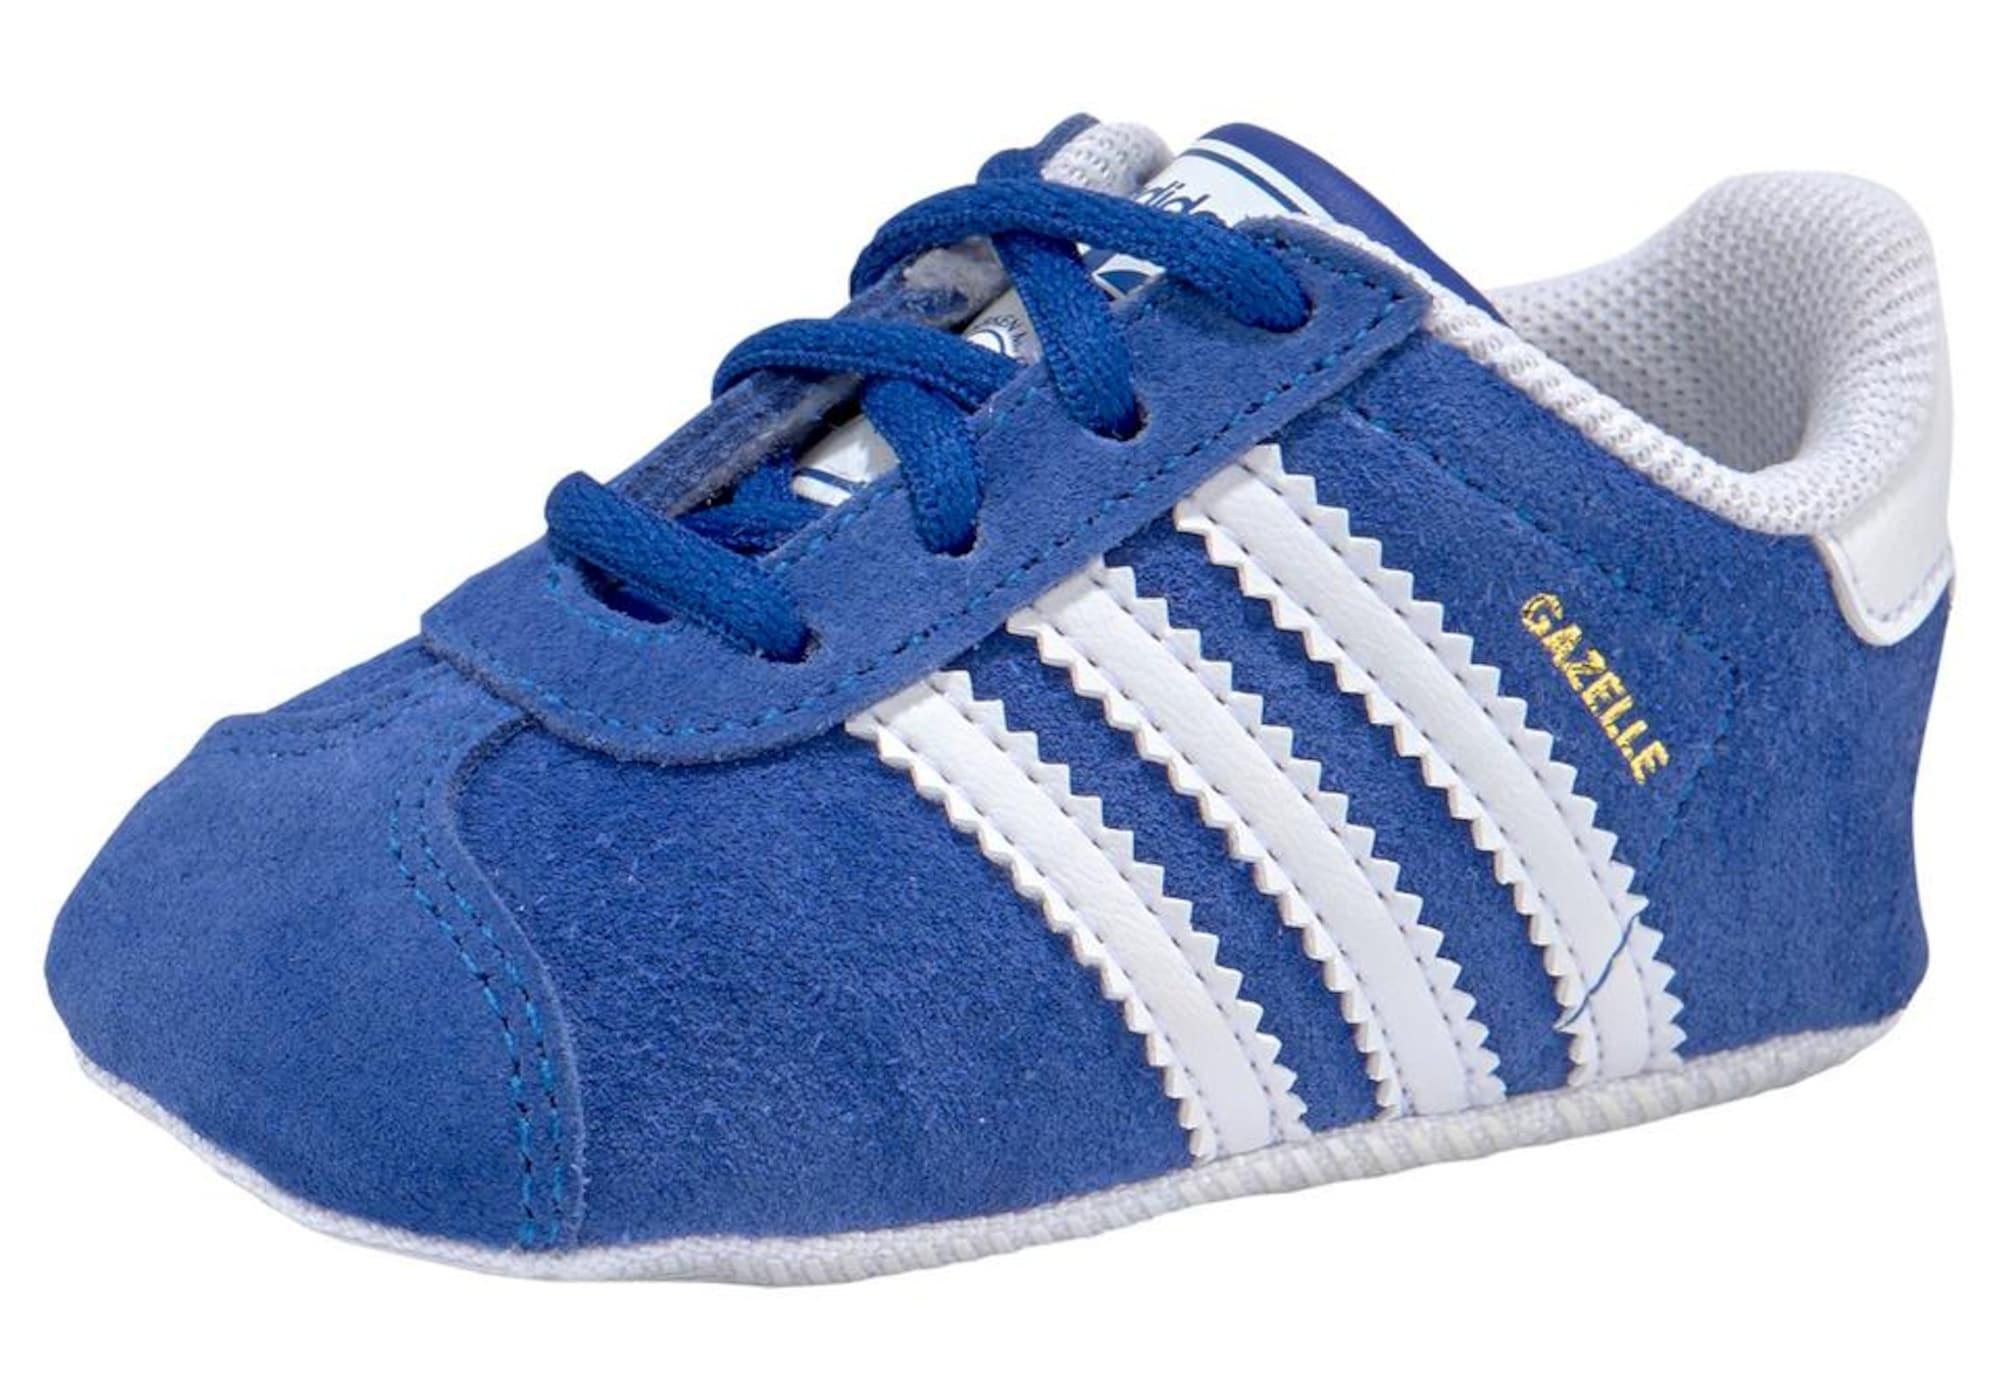 ADIDAS ORIGINALS Pirmieji vaiko vaikščiojimo bateliai 'GAZELLE CRIB' mėlyna / balta